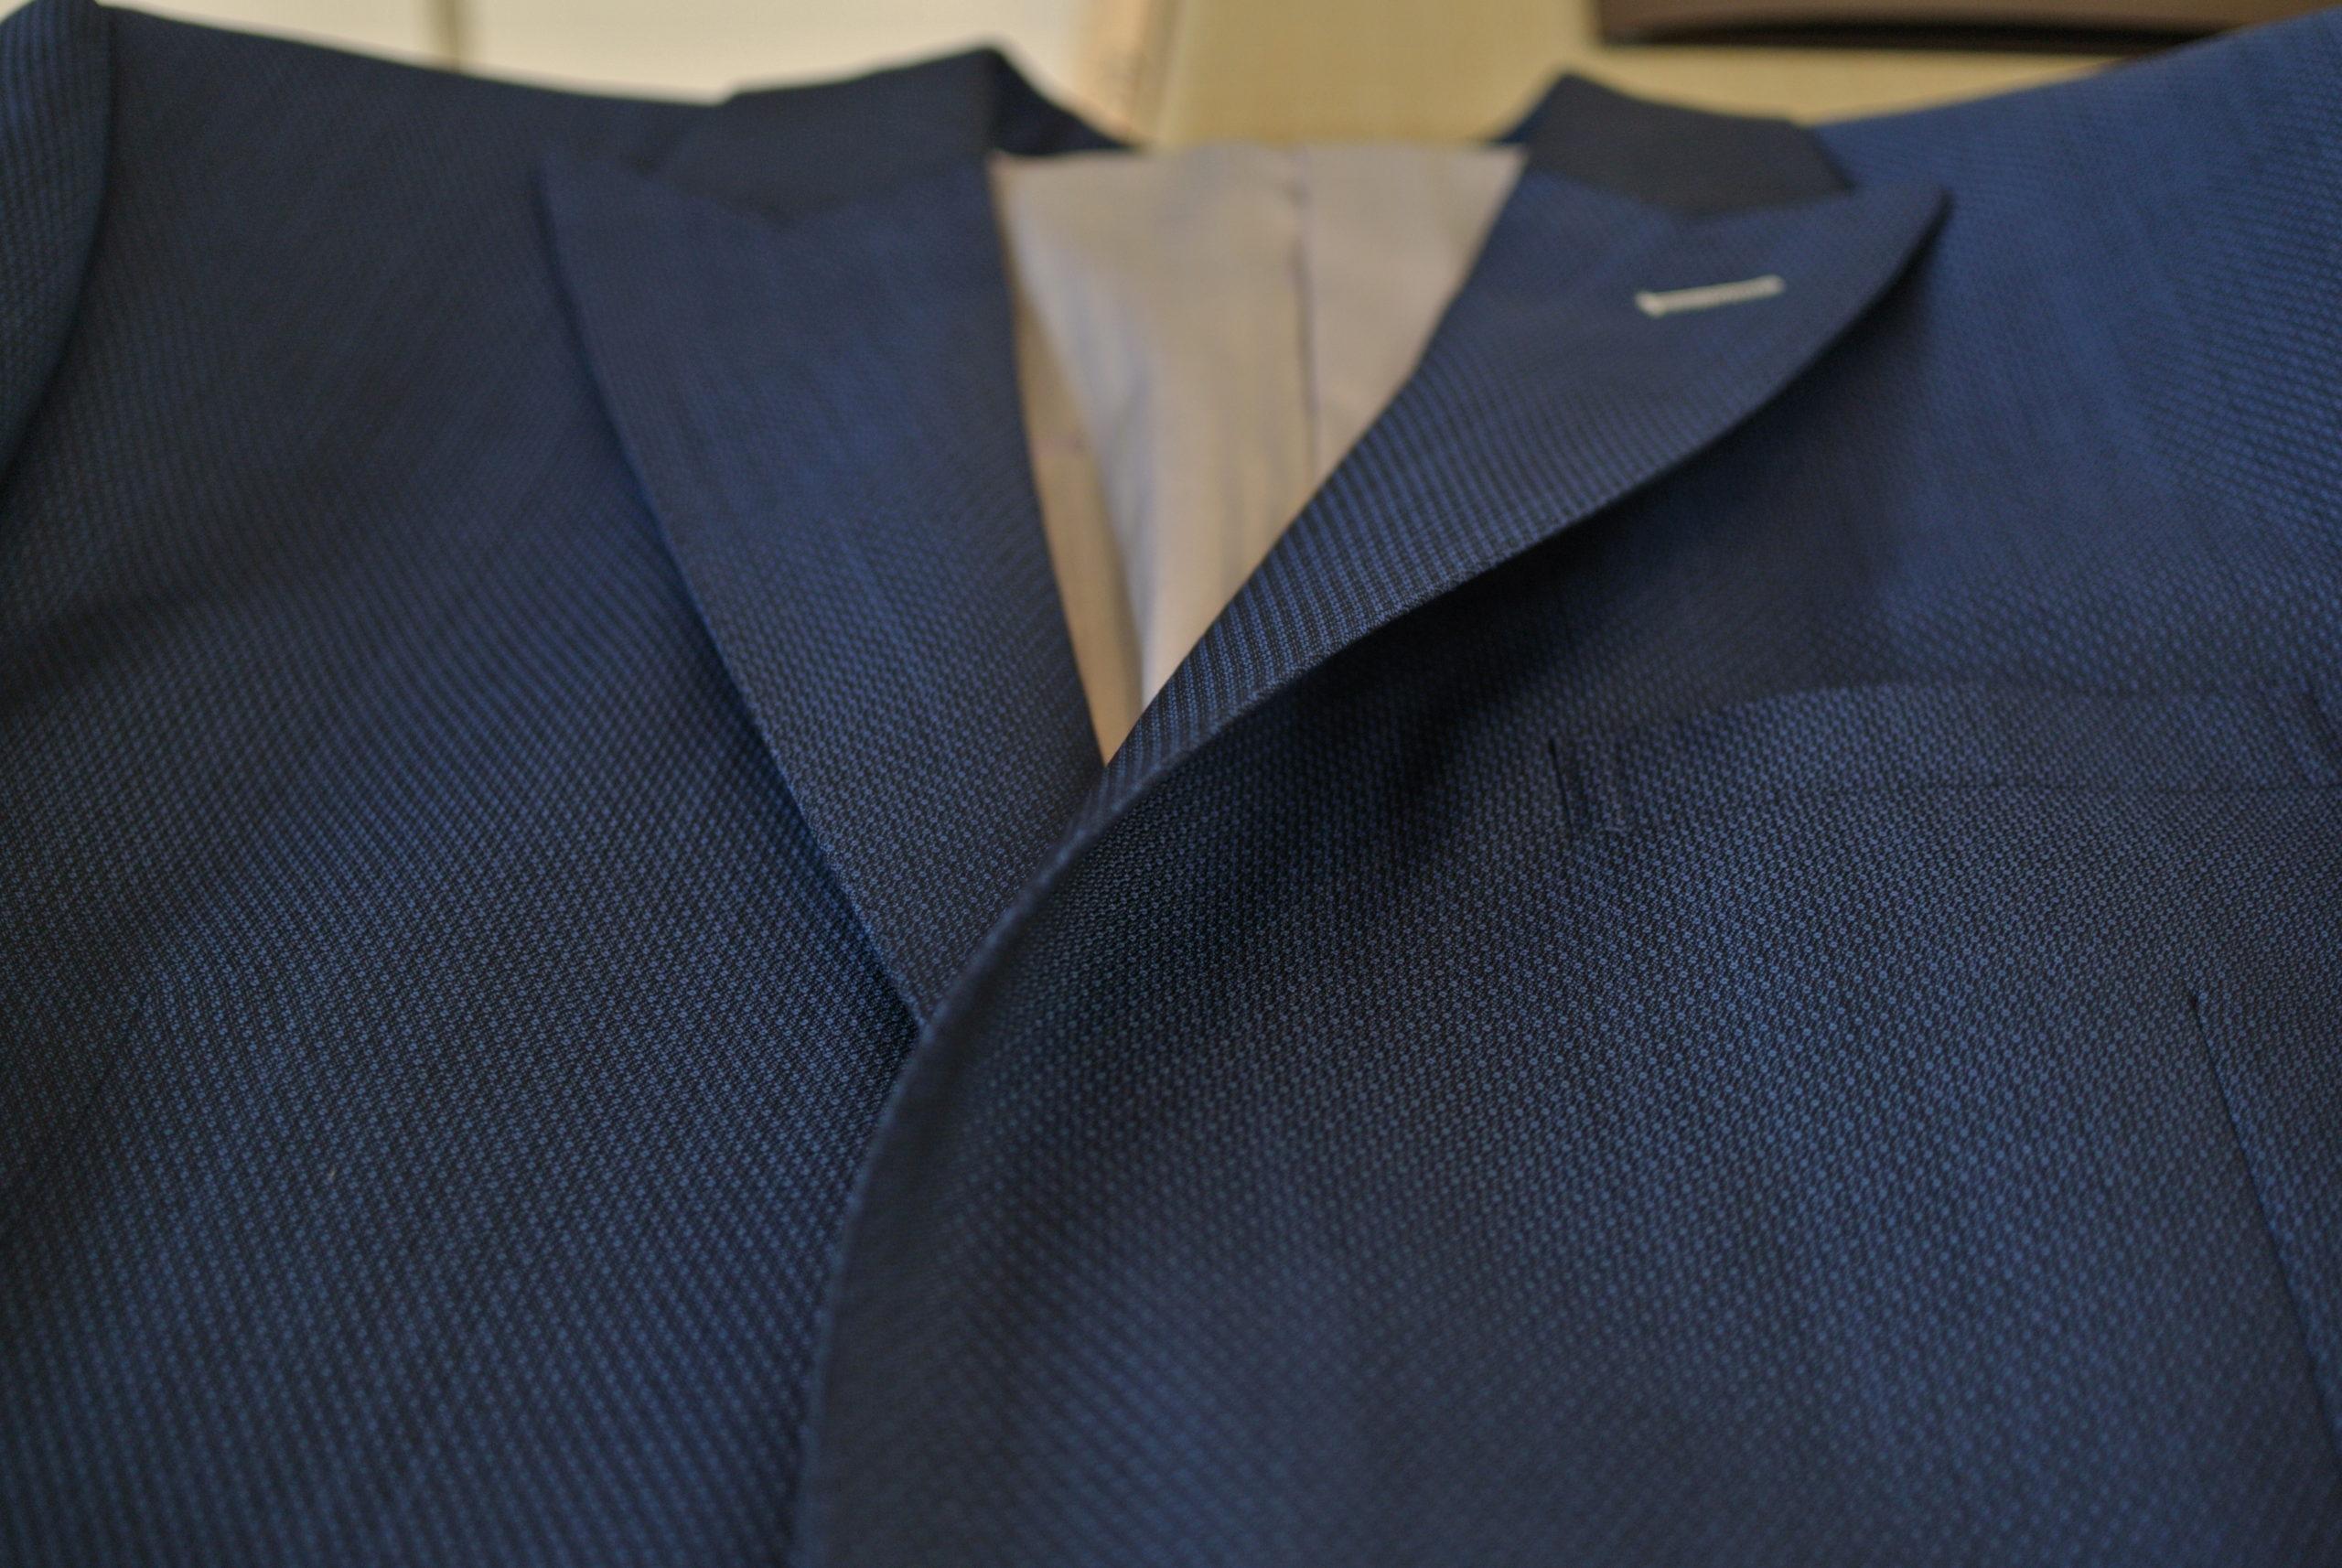 滑らかでストレートな繊維、かつ上品な光沢をもつモヘア。立体感のある織り活かした通気性の高い服地で夏を愉しむ 伊・カノニコ社 オーダースーツ アスター